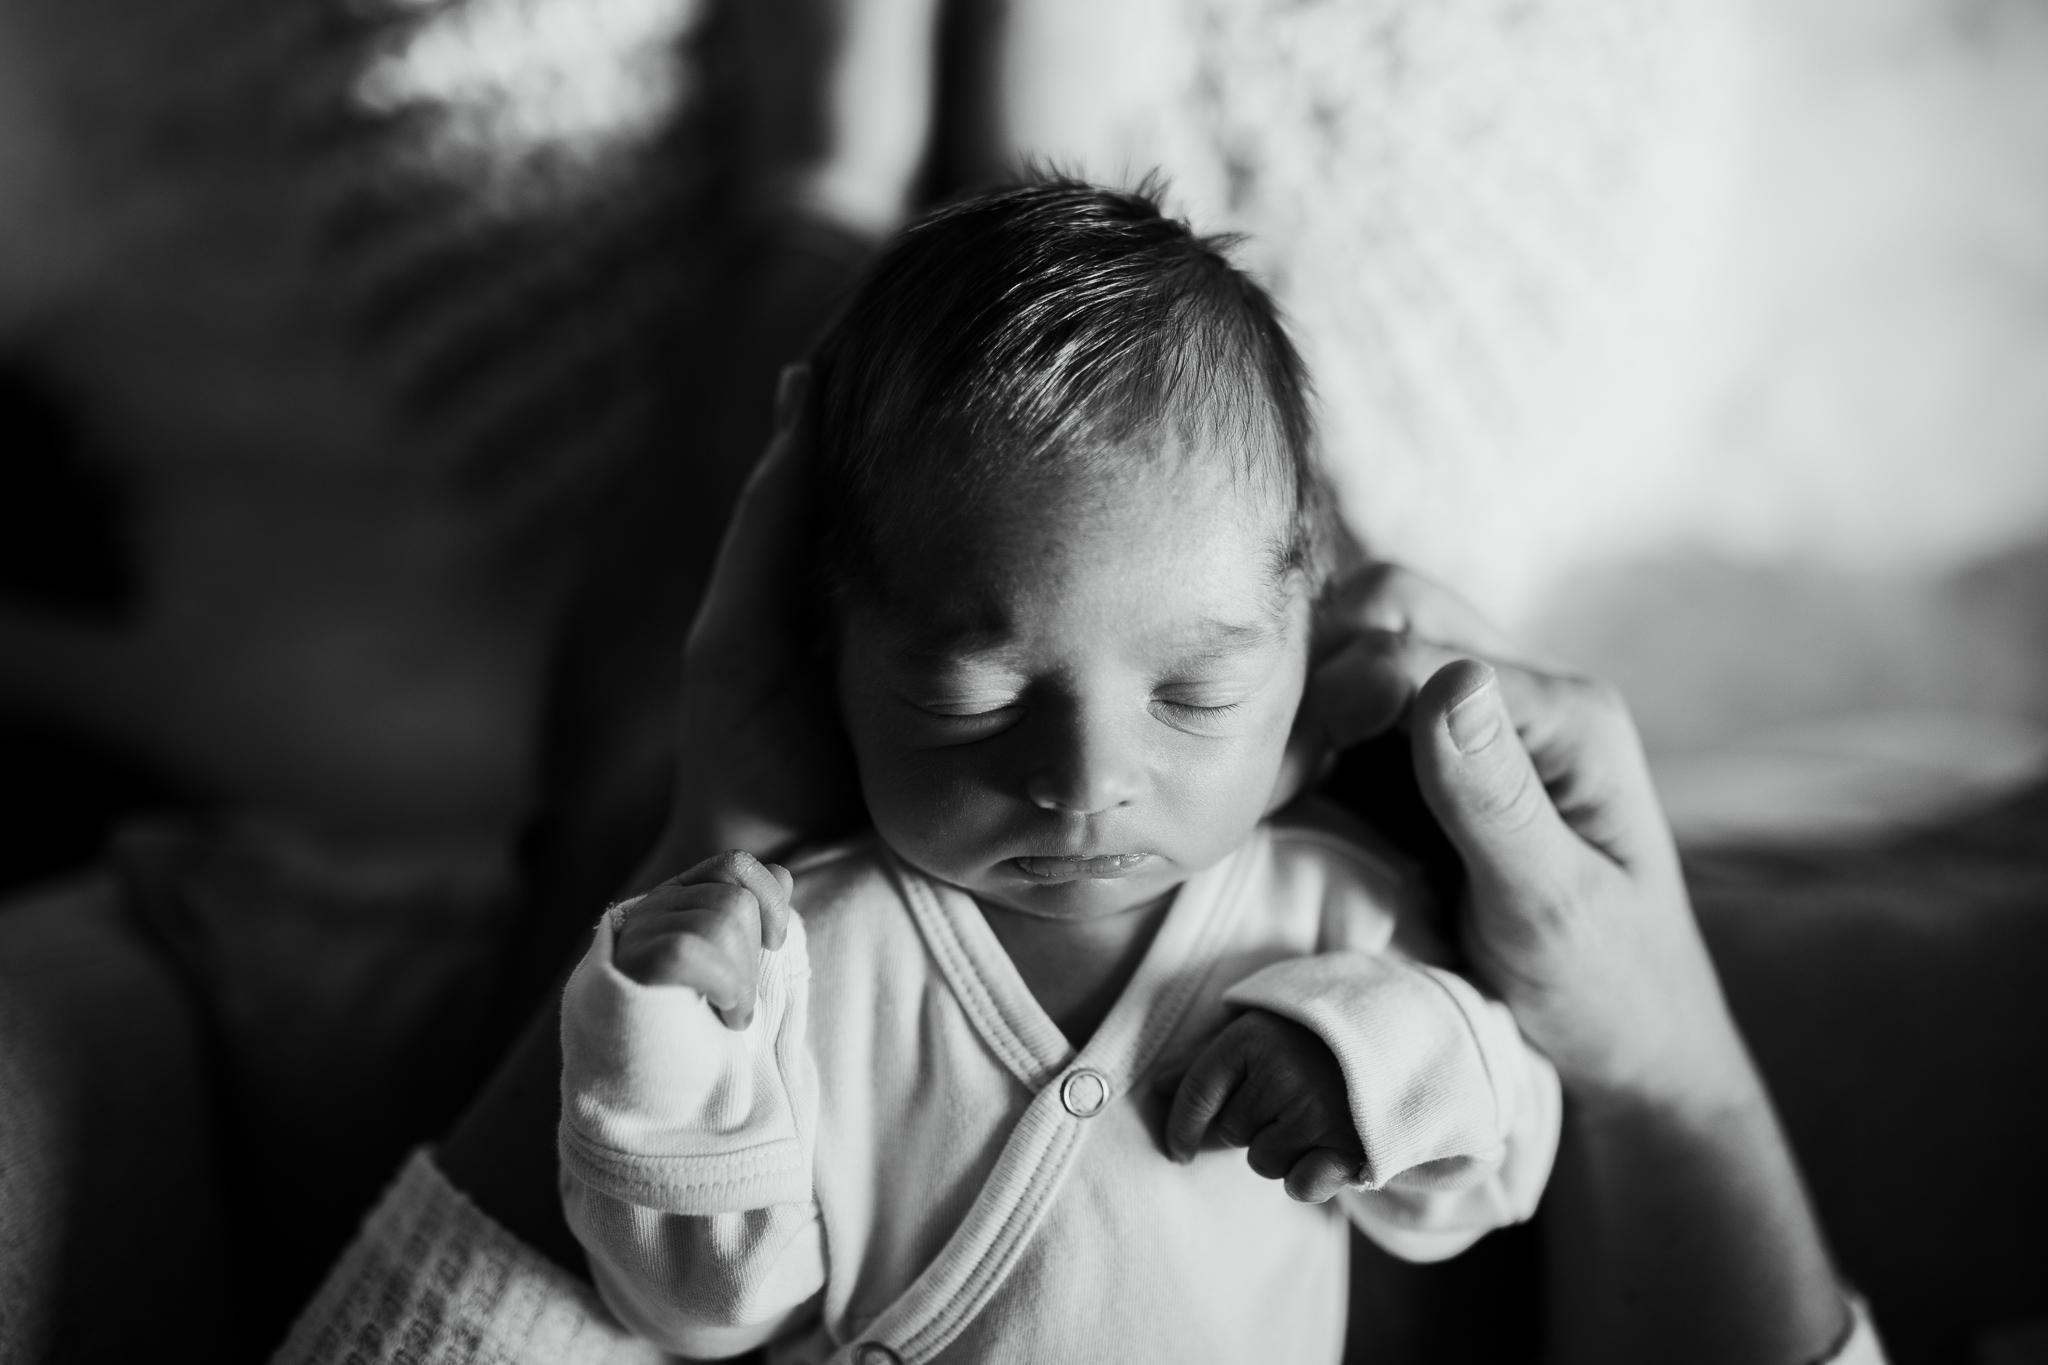 LITTLE-X-LITTLE-PHOTOGRAPHY_2019-2-14_Narloch (web)-134.jpg